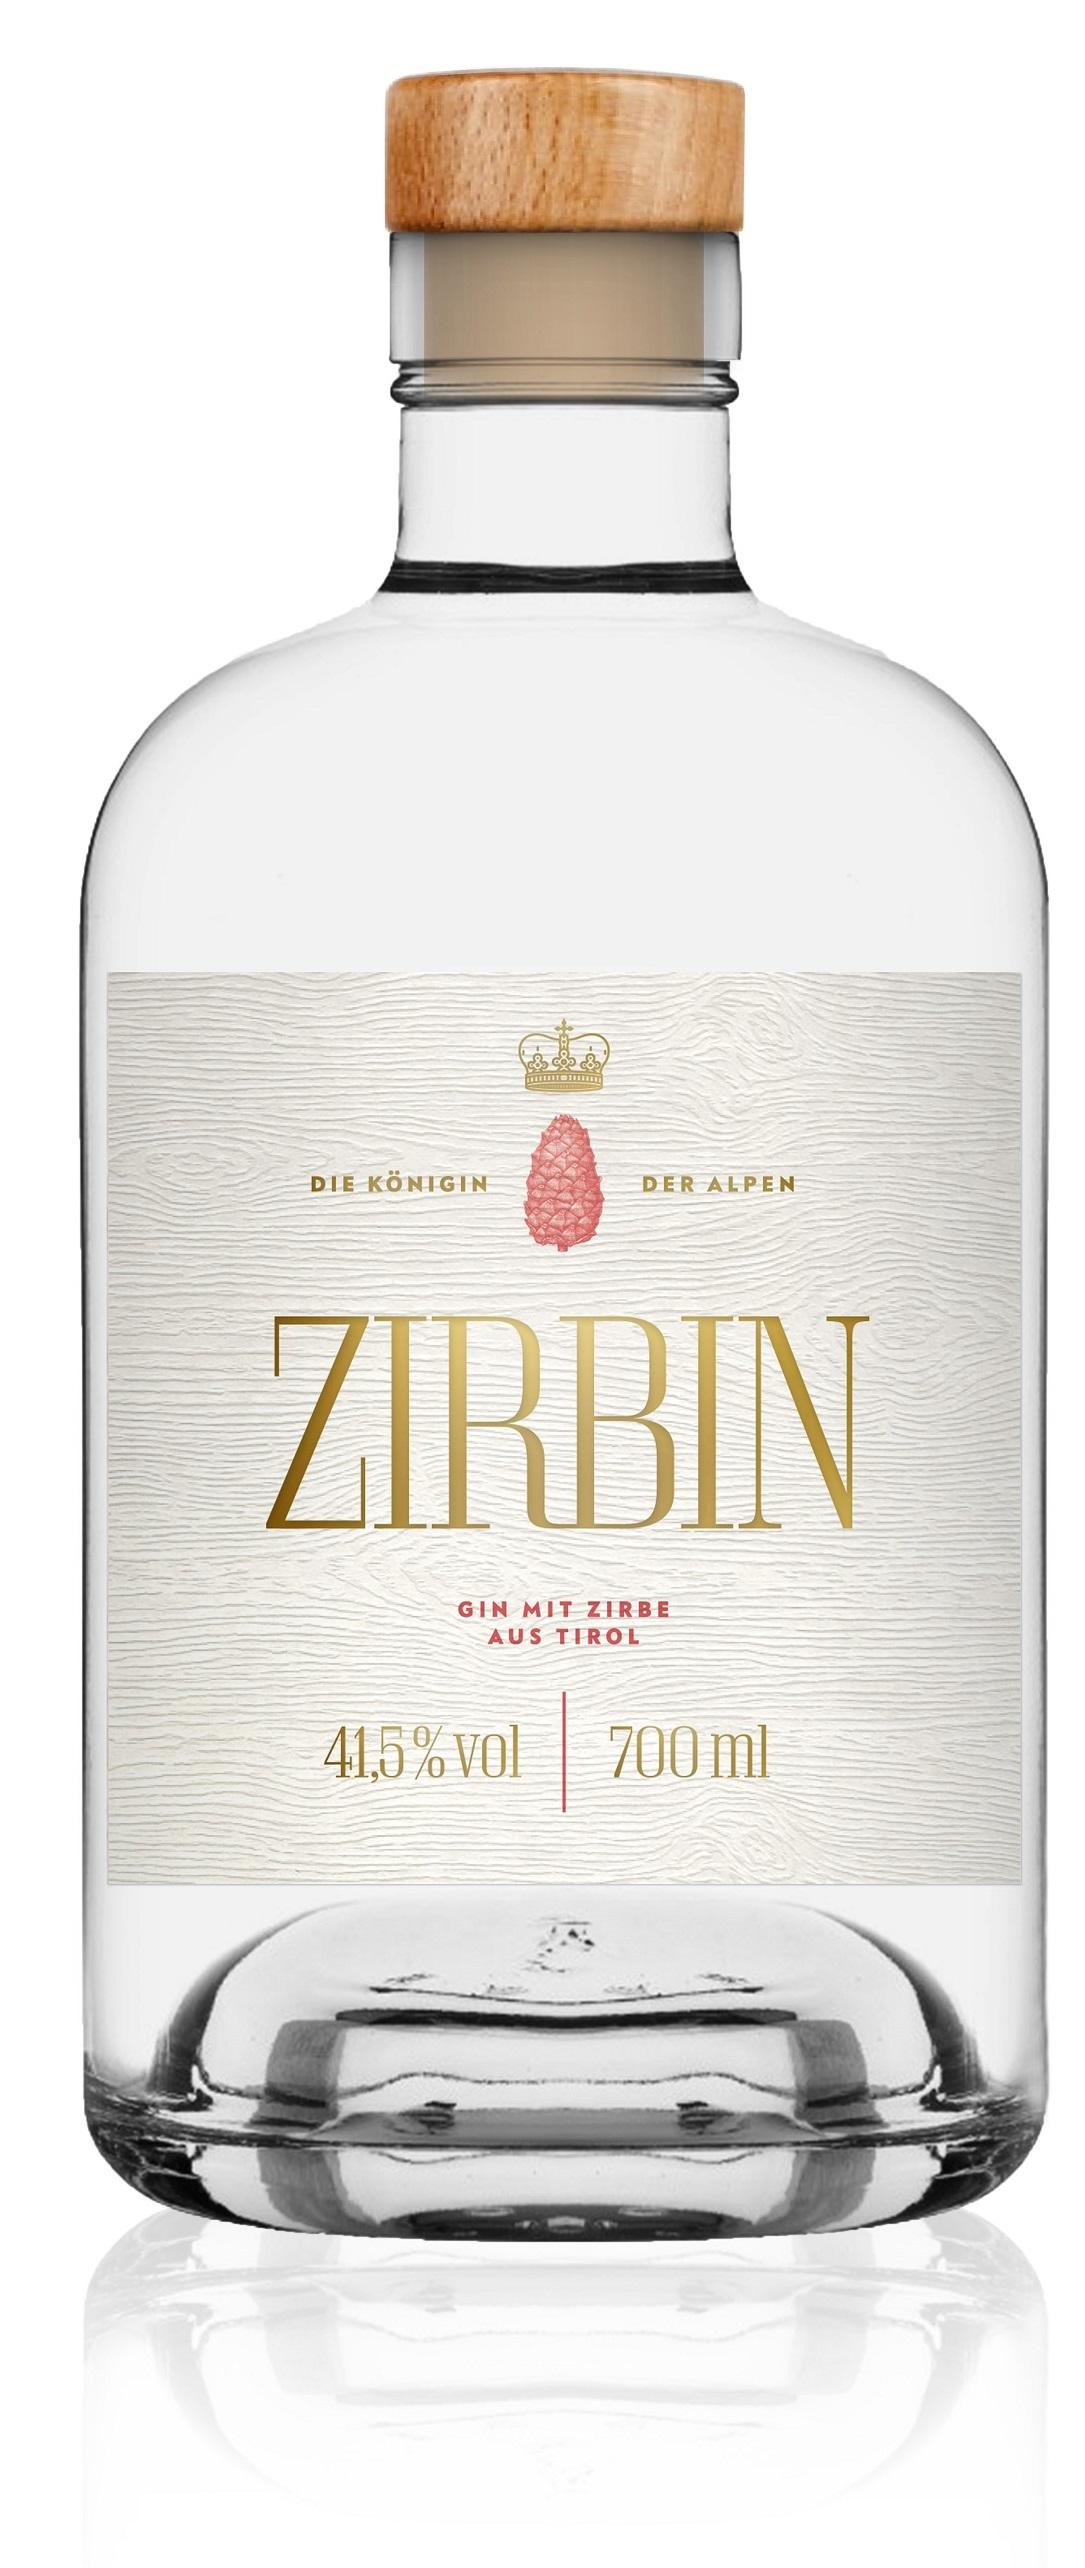 Zirbin Tiroler Dry Gin 41.5% 0,7l